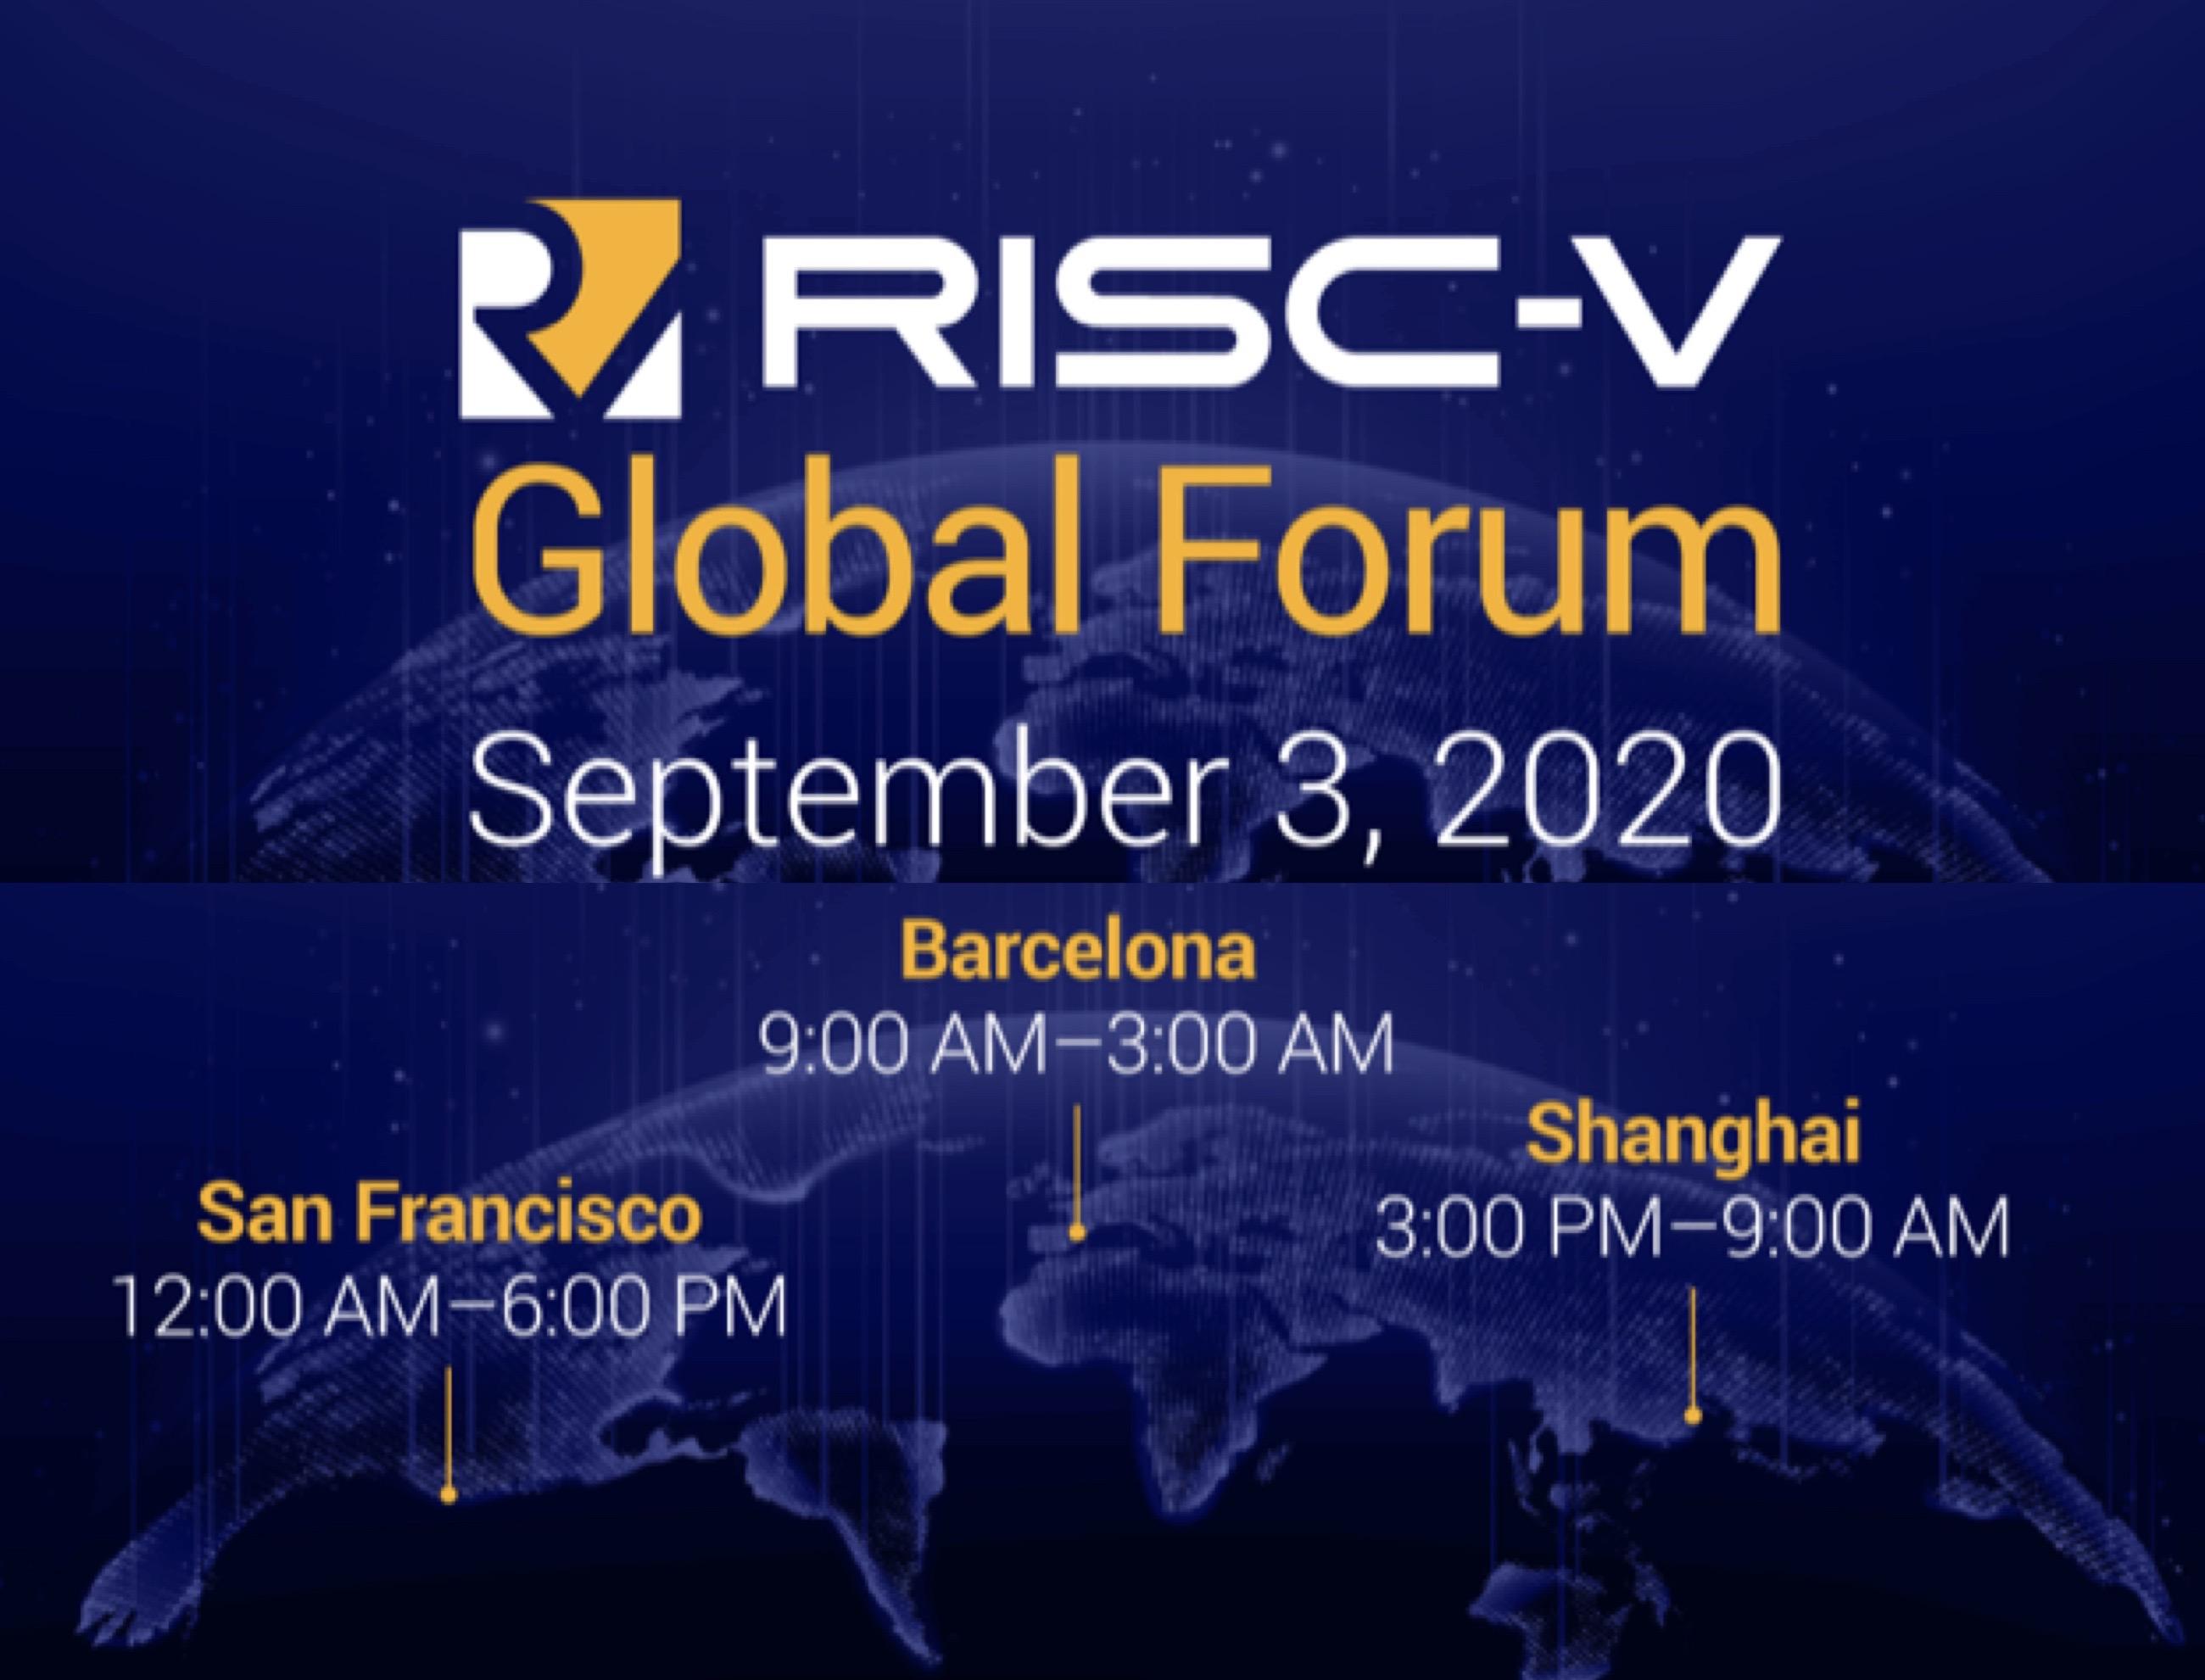 RISC-V Global Forum 2020